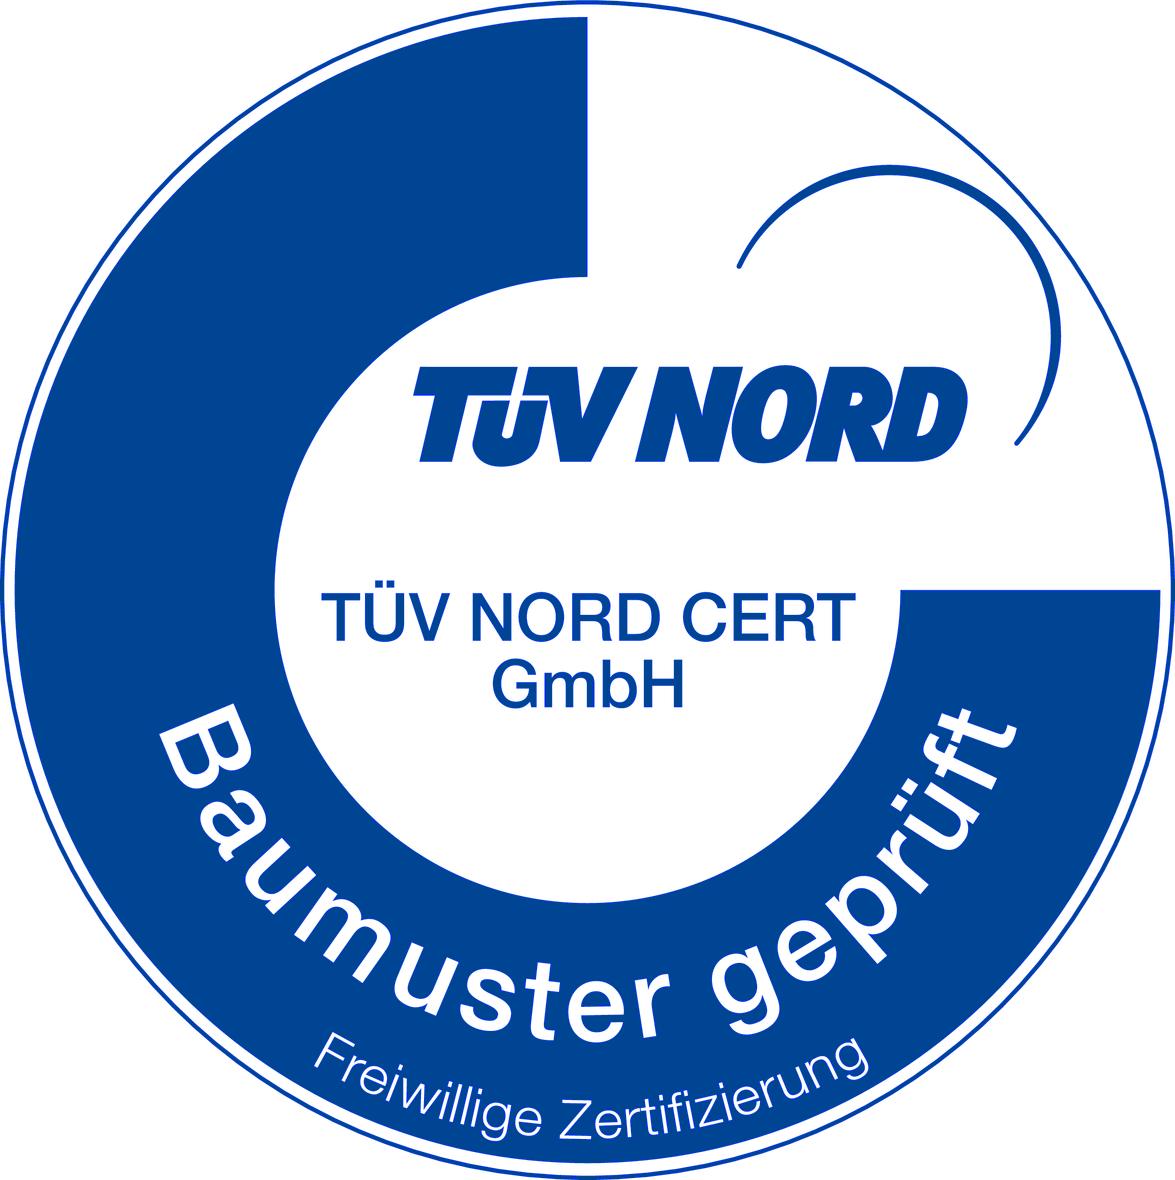 certificat_tuv